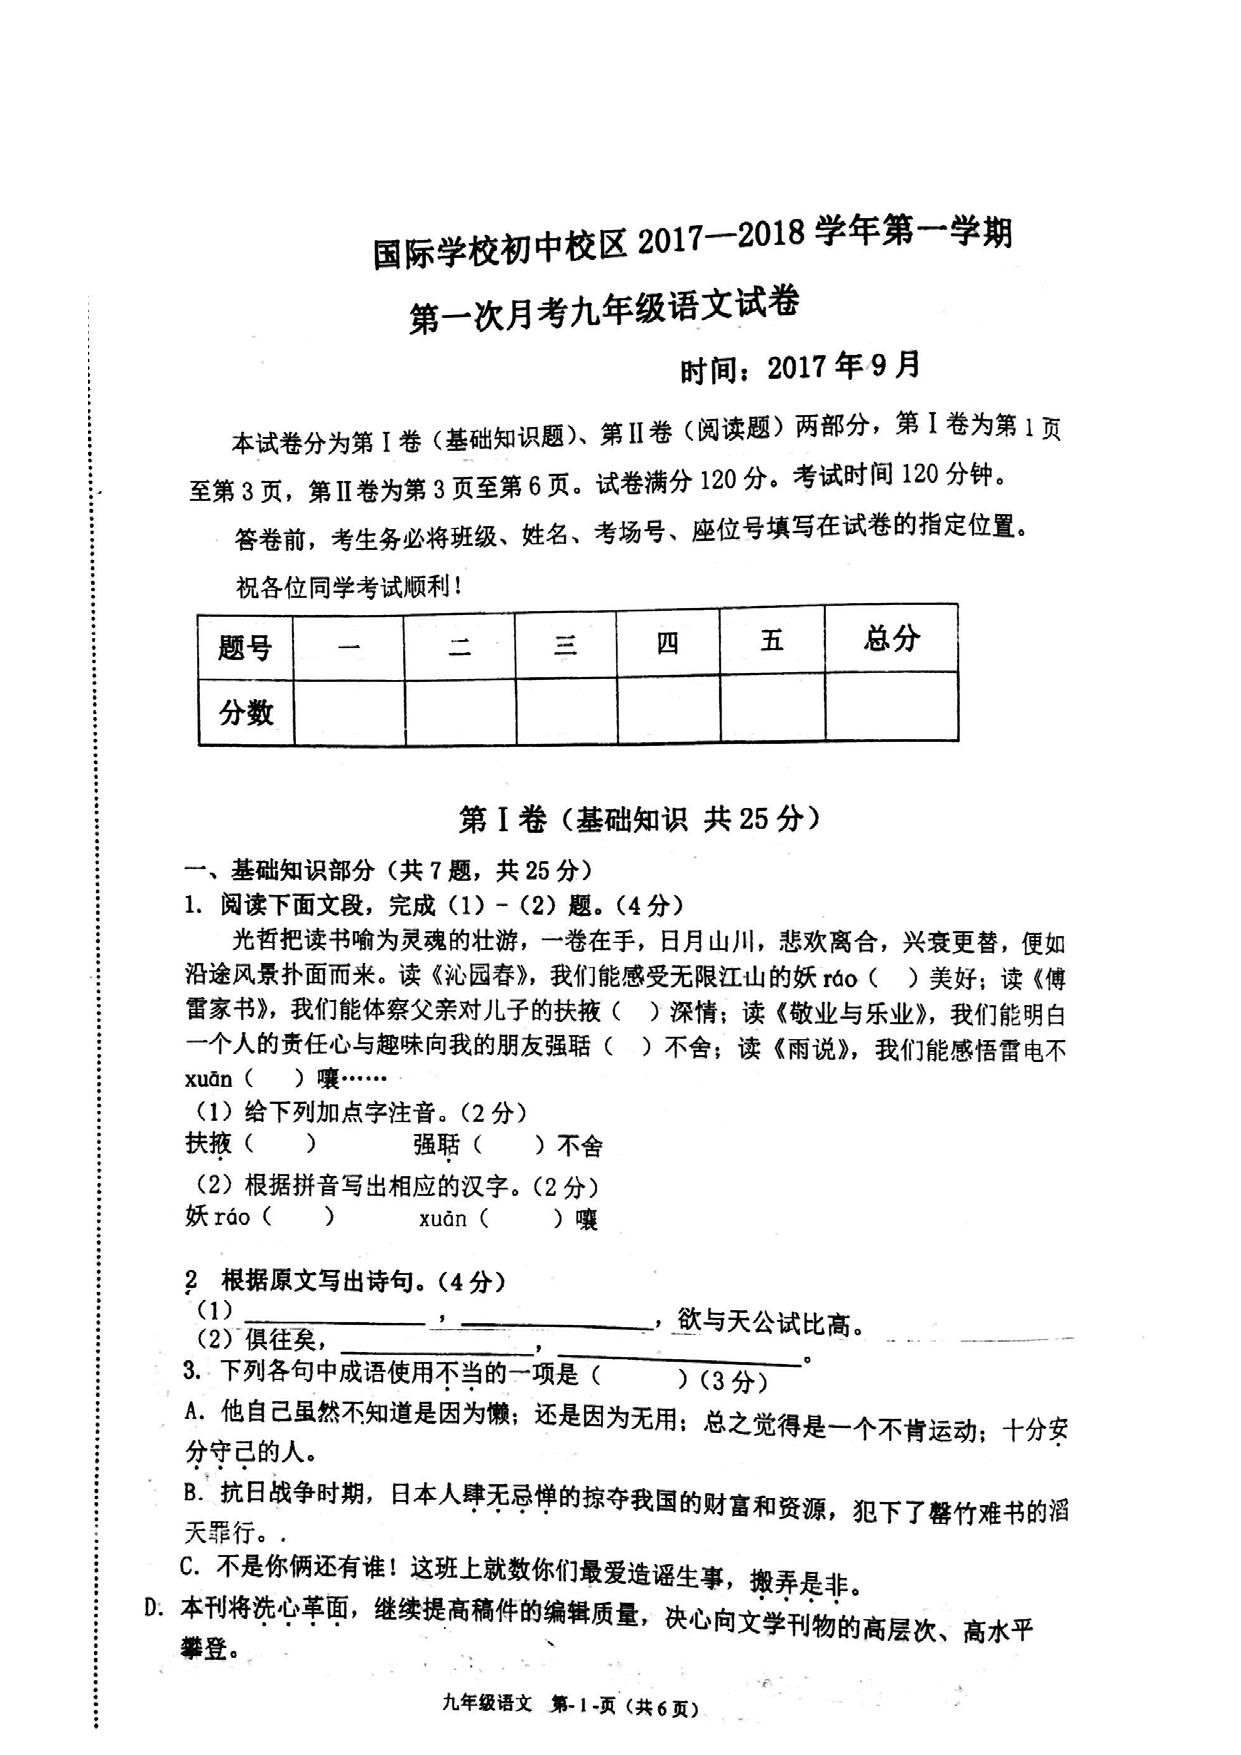 北京顺义国际学校2017-2018九年级第一学期第一次月考语文试卷(Word版)